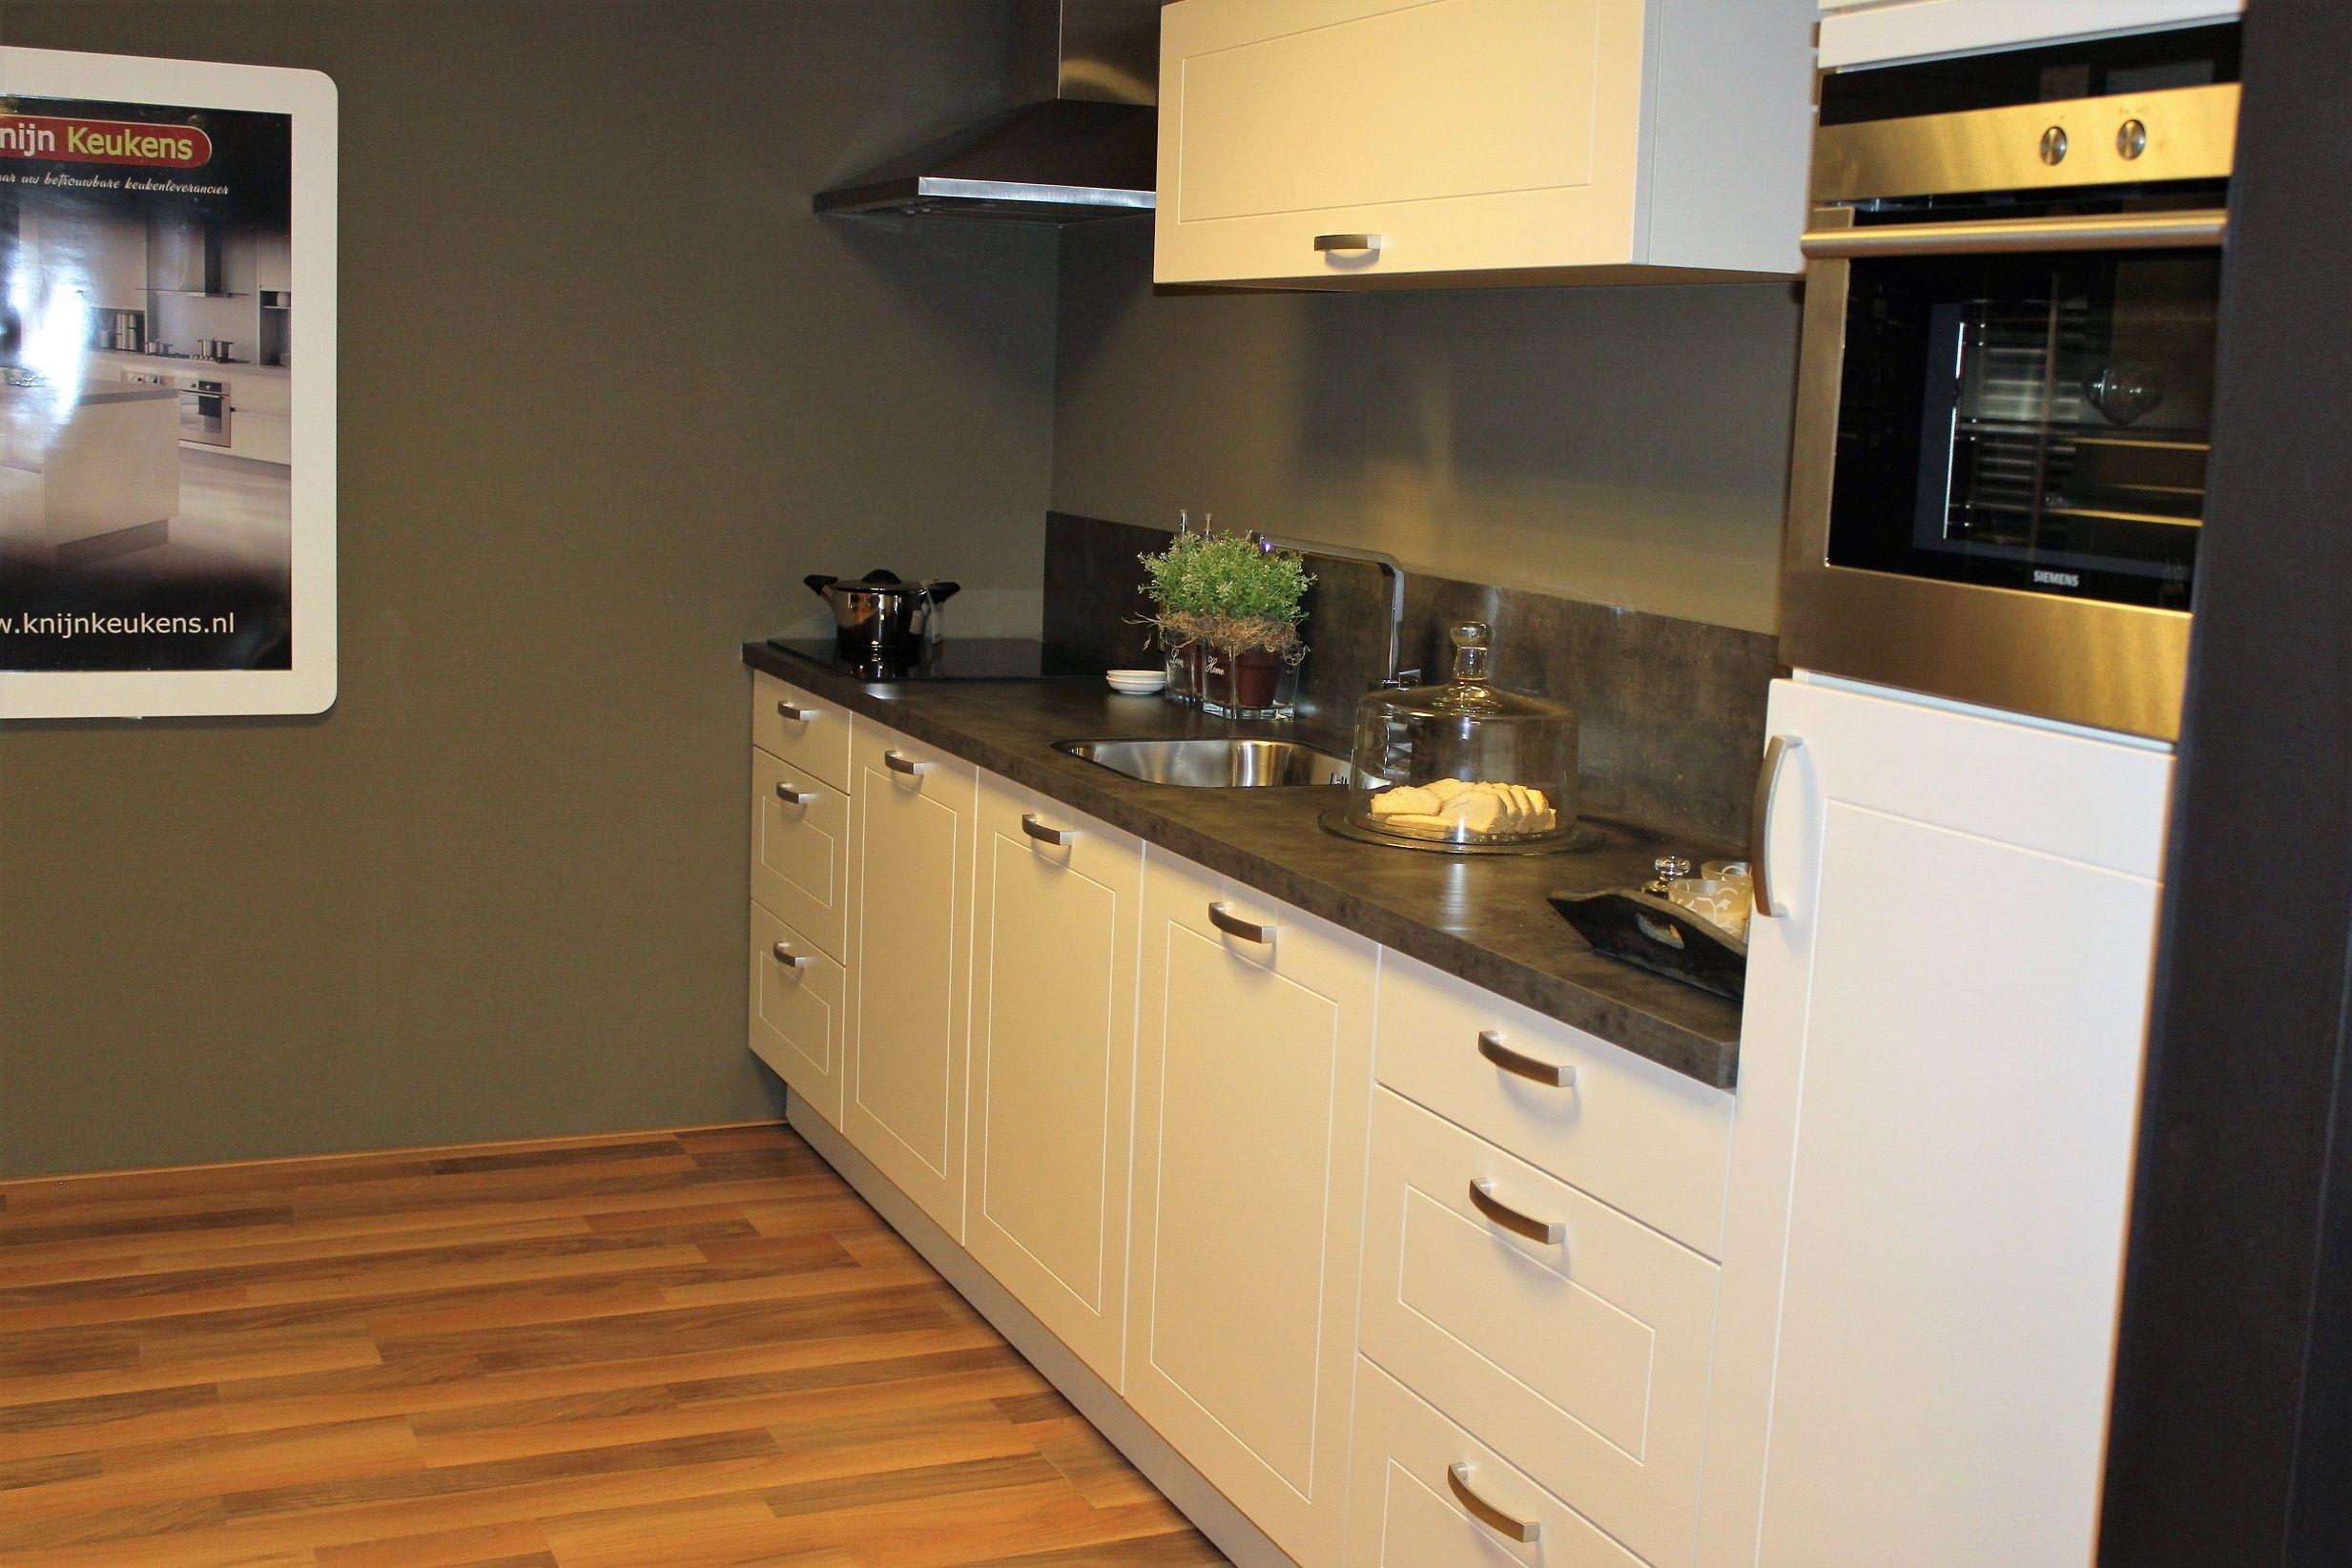 Allergrootste keukensite van nederland rechte keuken magnolia 47362 - Afbeelding van keuken amenagee ...